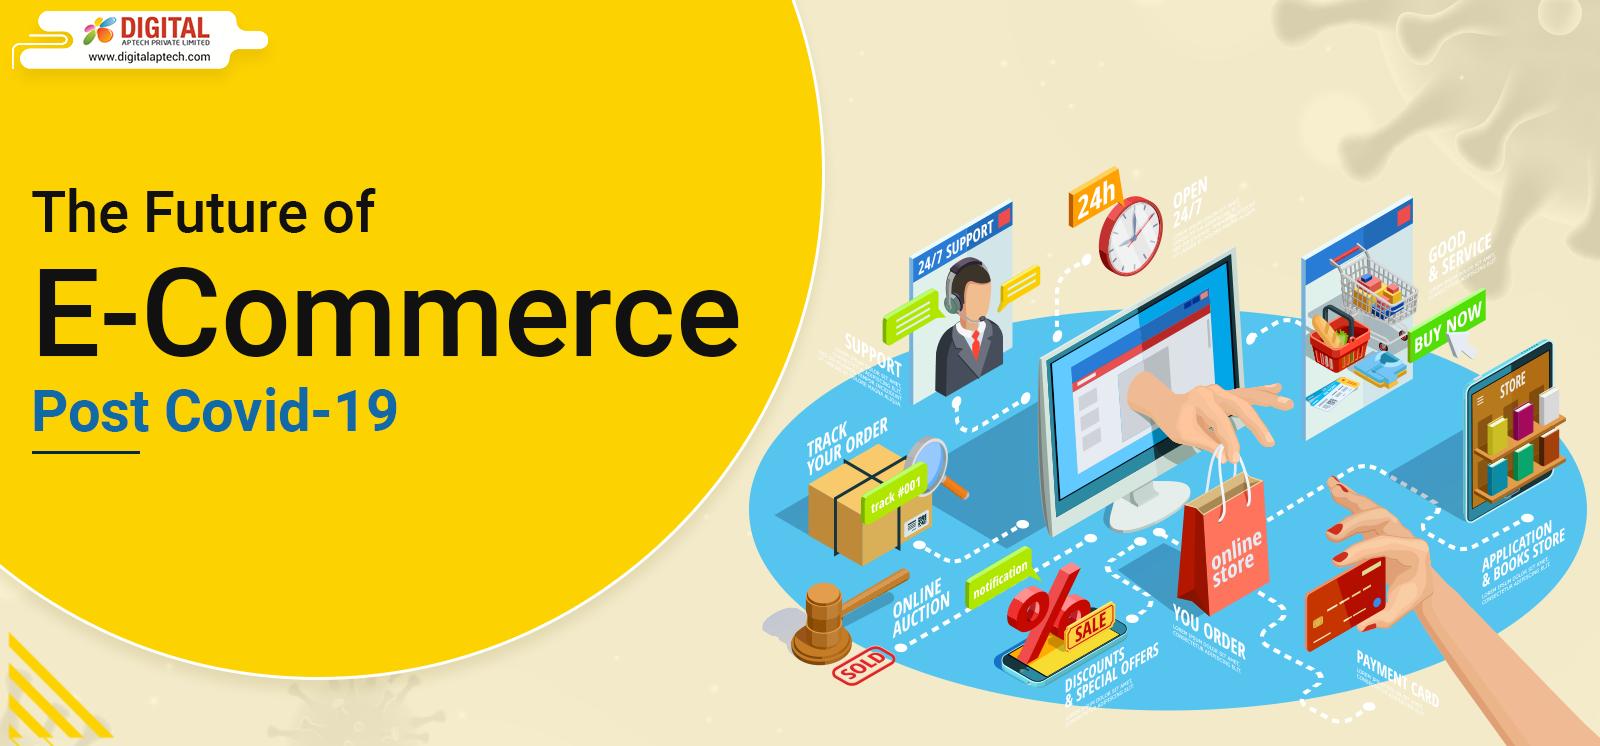 The Future of E-Commerce Post Covid-19